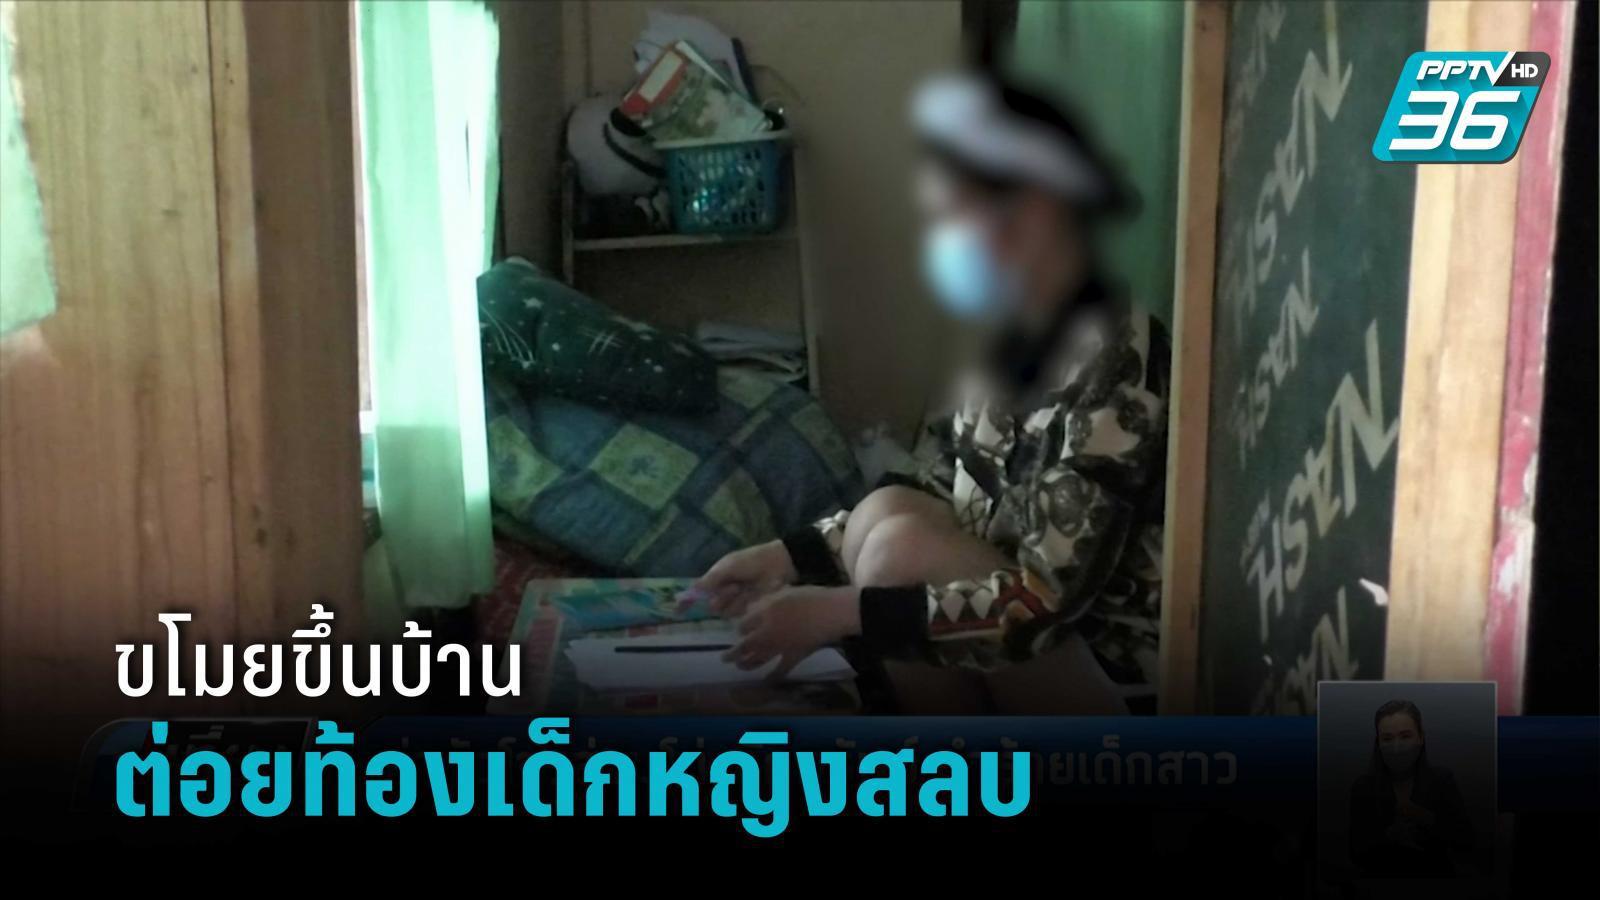 เร่งล่าโจรส่วมโม่ง บุกบ้านขโมยทรัพย์สิน ต่อยท้องเด็กหญิงสลบขณะเรียนออนไลน์